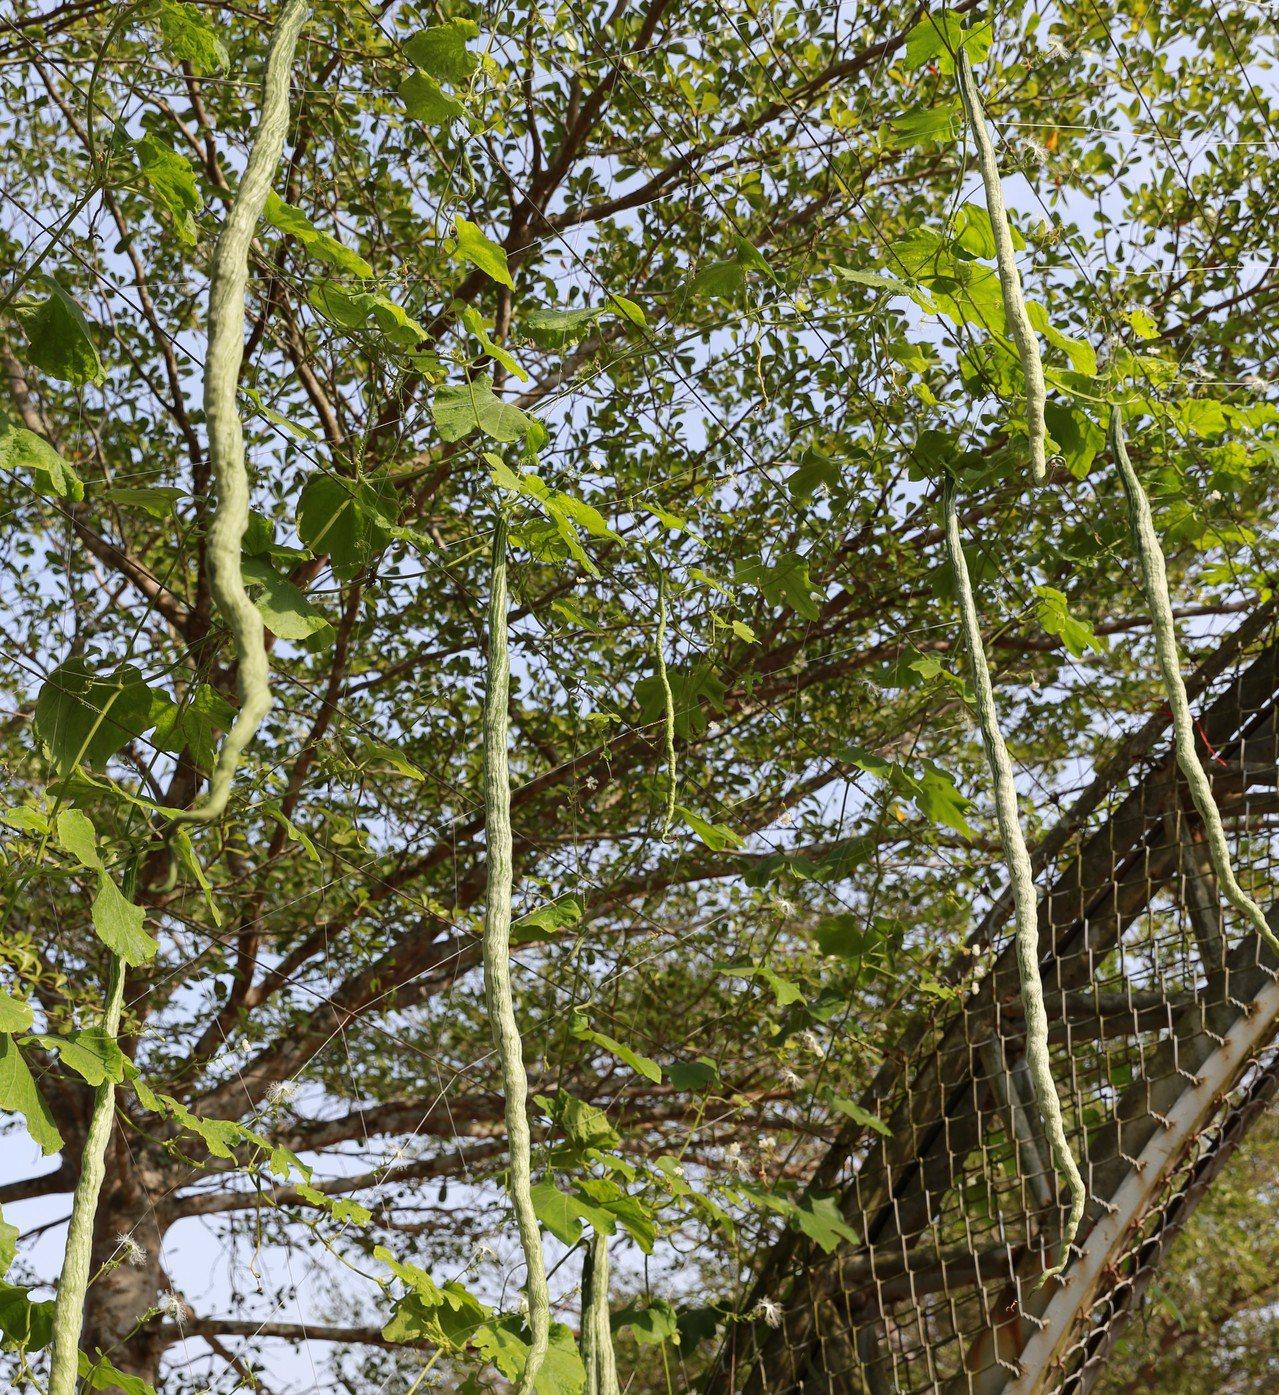 台南市左鎮區推出瓜棚下農民市集,現場栽種蛇瓜等相當吸睛。圖/左鎮區公所提供